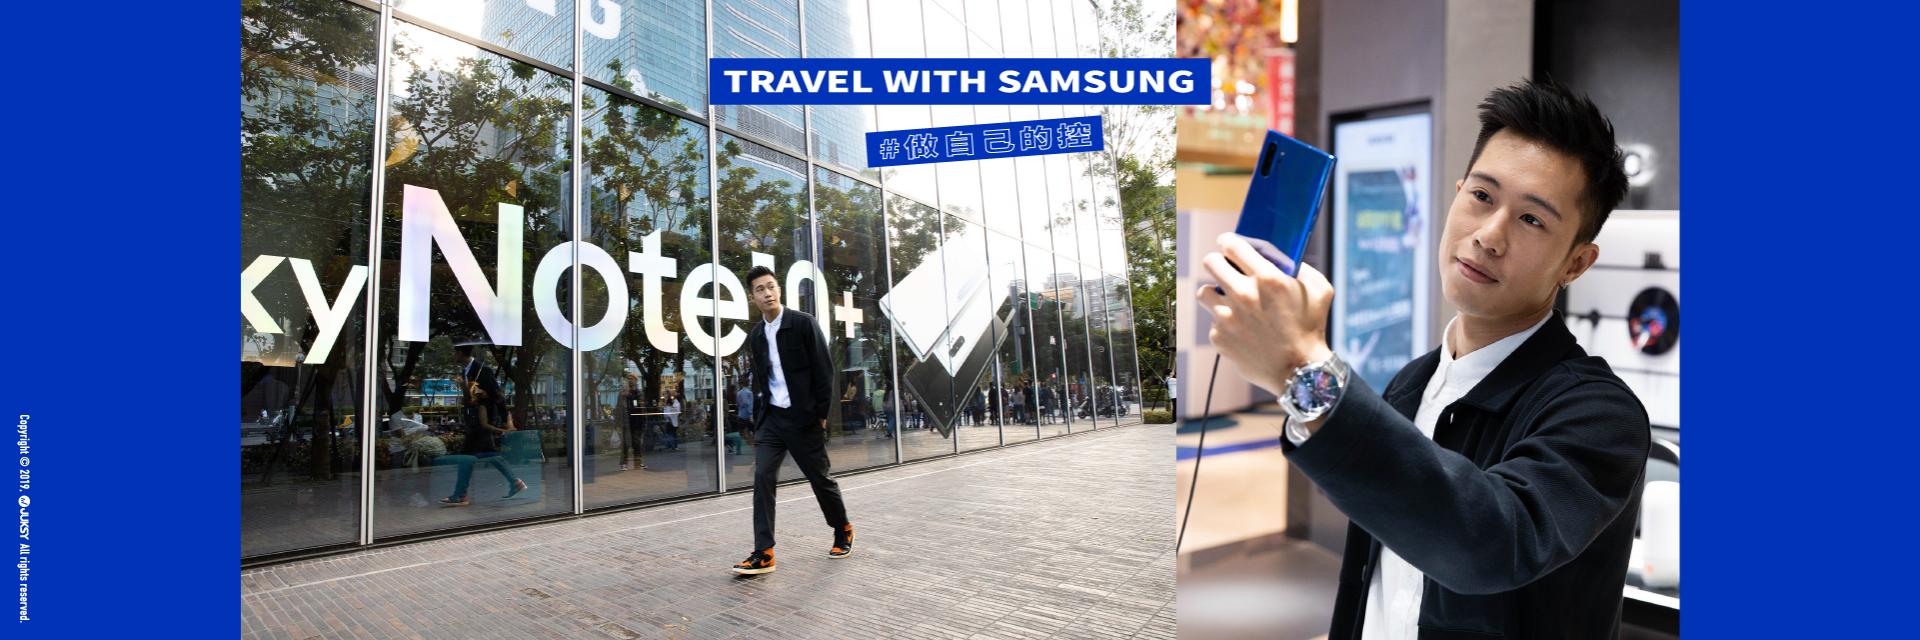 旅行氣氛很重要!SAMSUNG 教你如何使用隨身必備手機來趟「鬆旅行」!